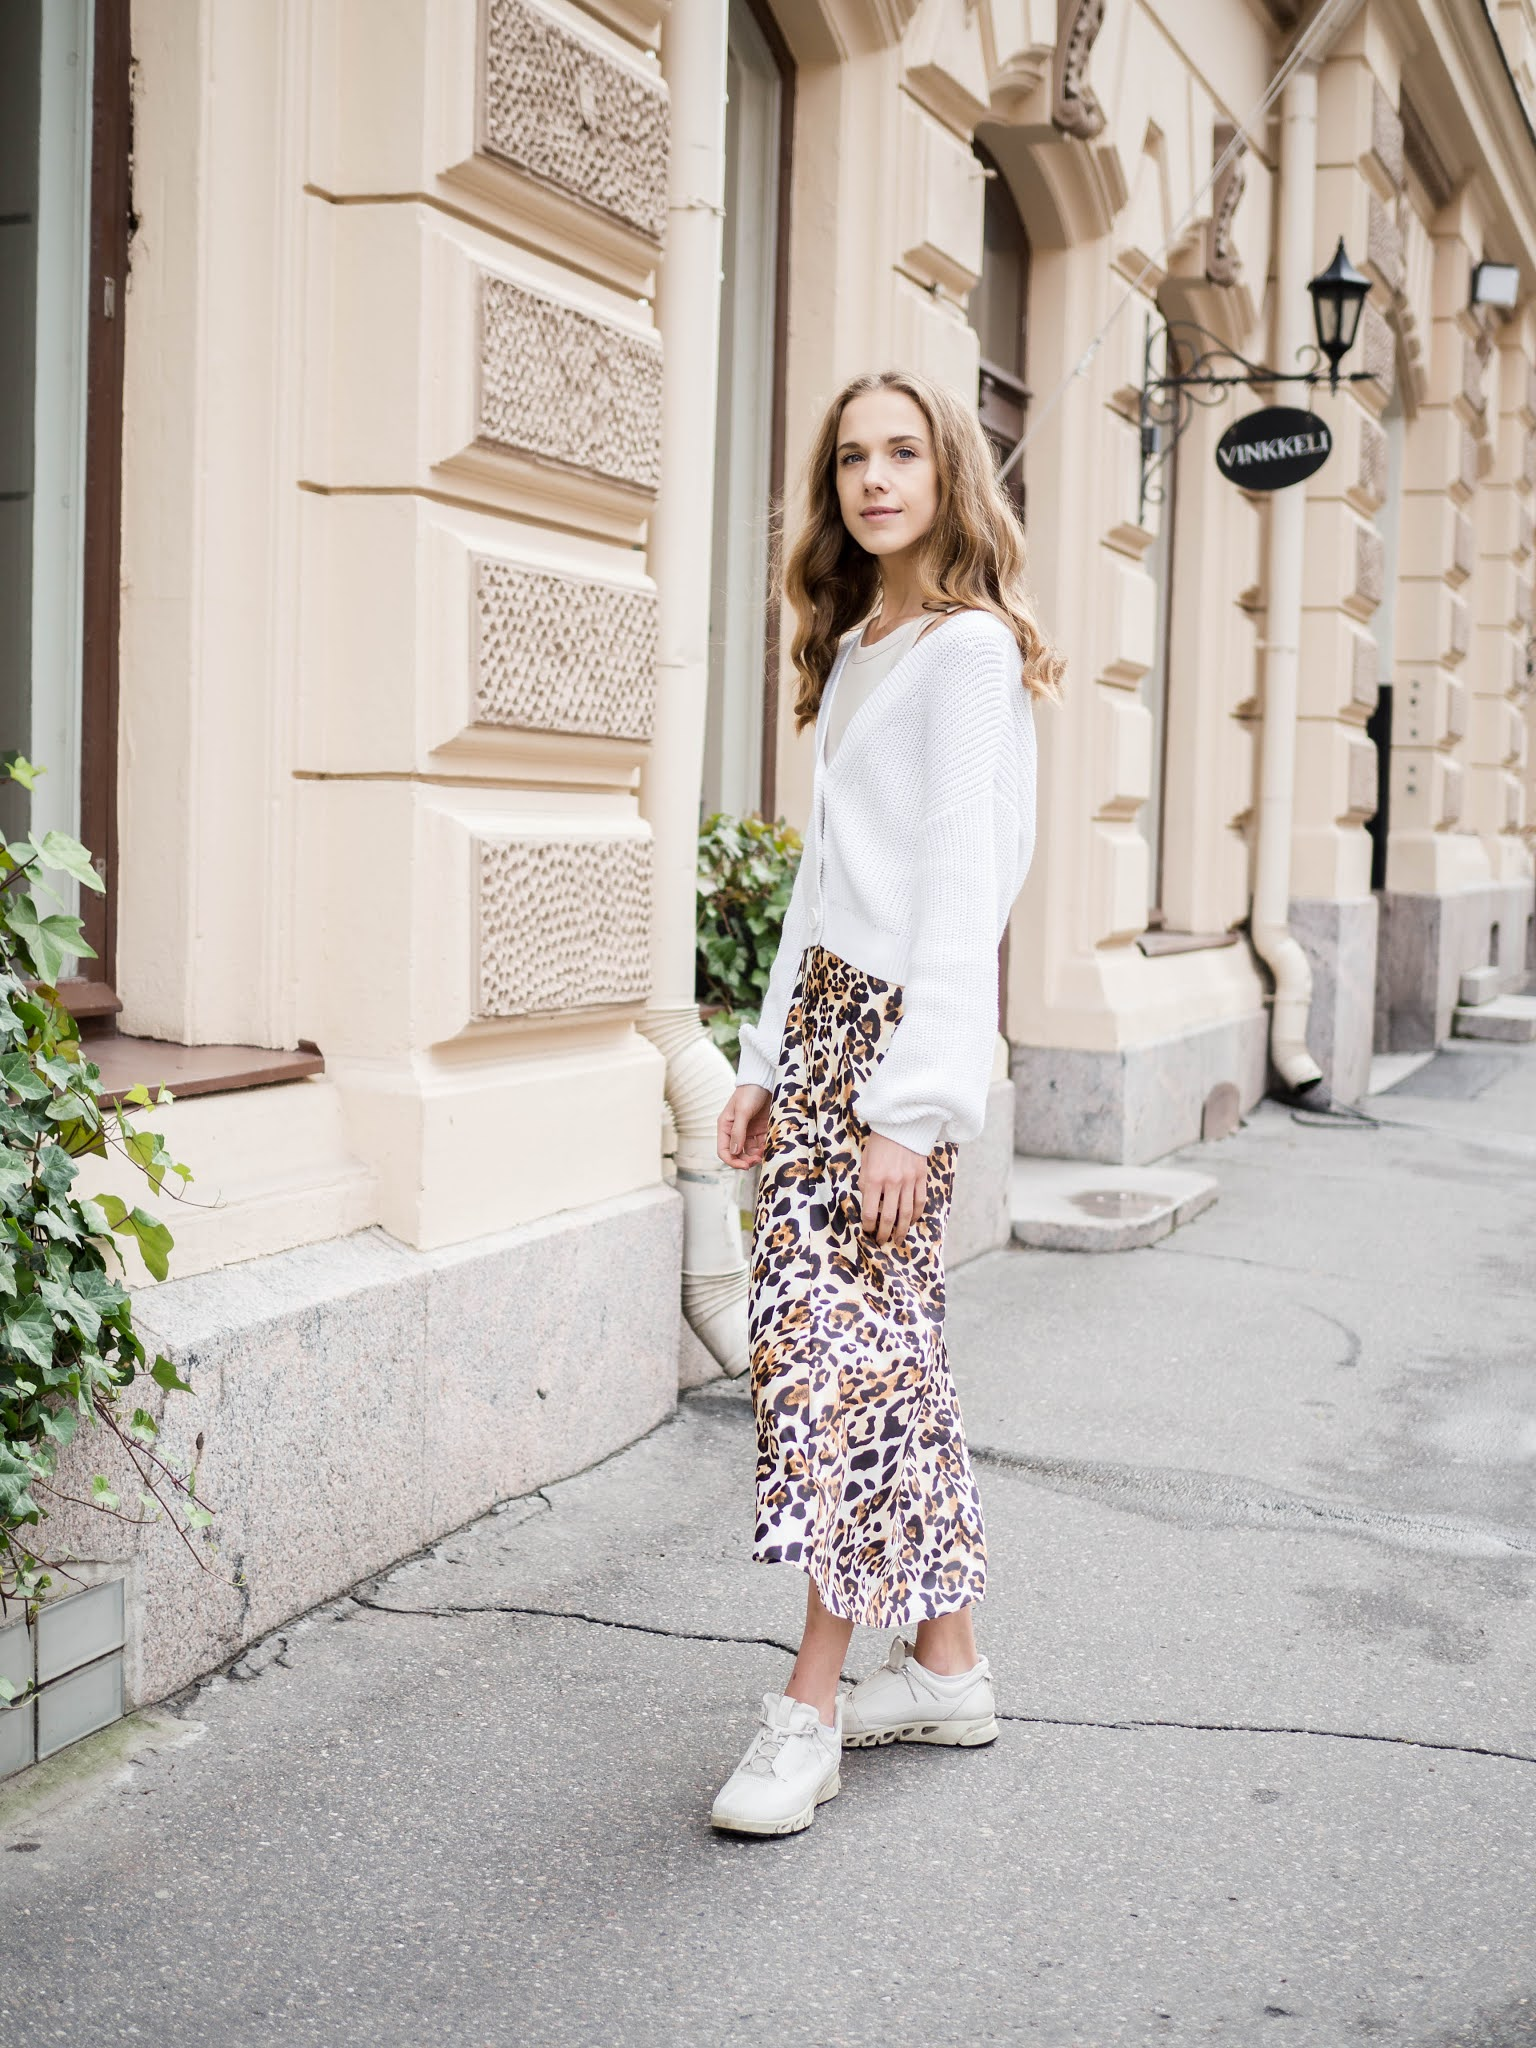 Autumn knitwear trends - Syksyn neuletrendit